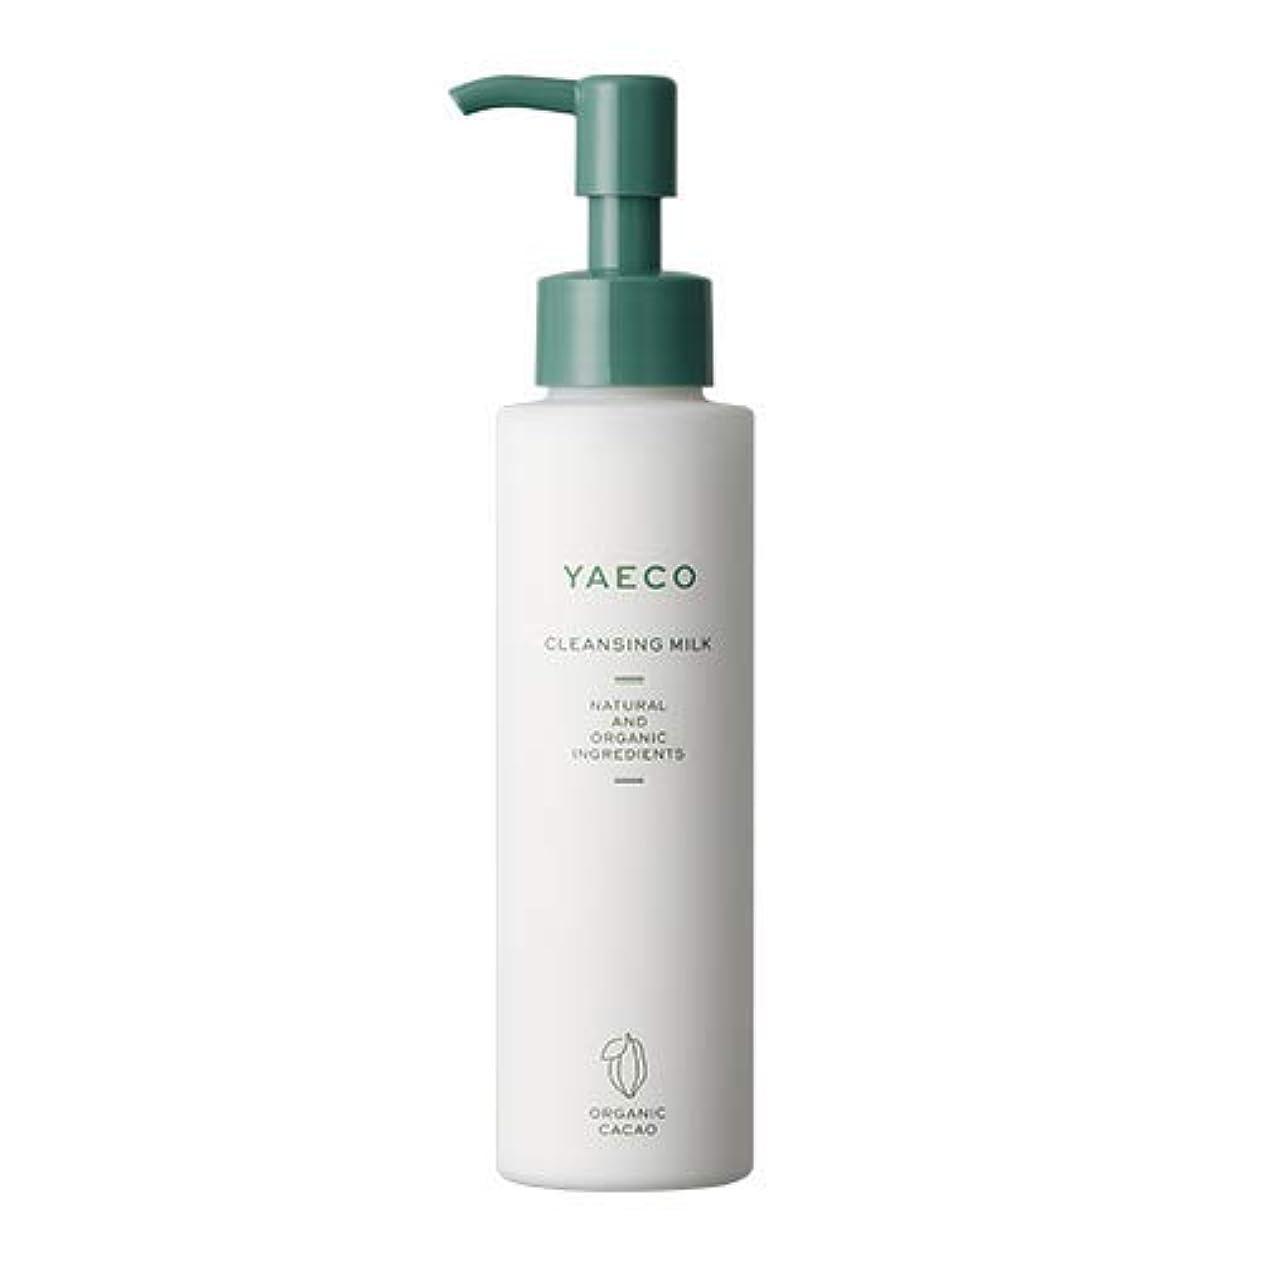 不承認部屋を掃除する引数YAECO(ヤエコ)オーガニックカカオクレンジングミルク 120ml